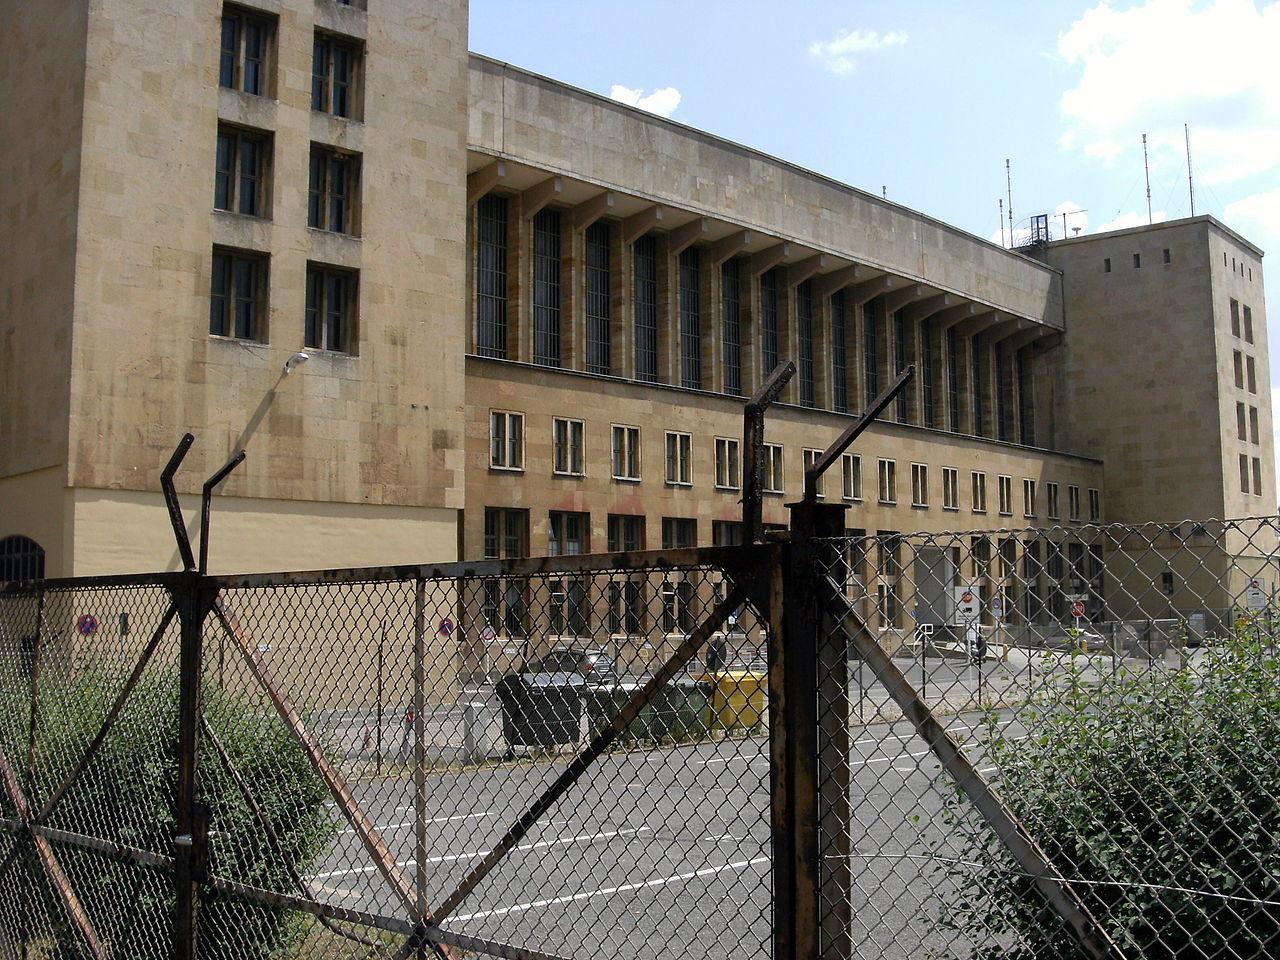 200806 Berlin 553.JPG